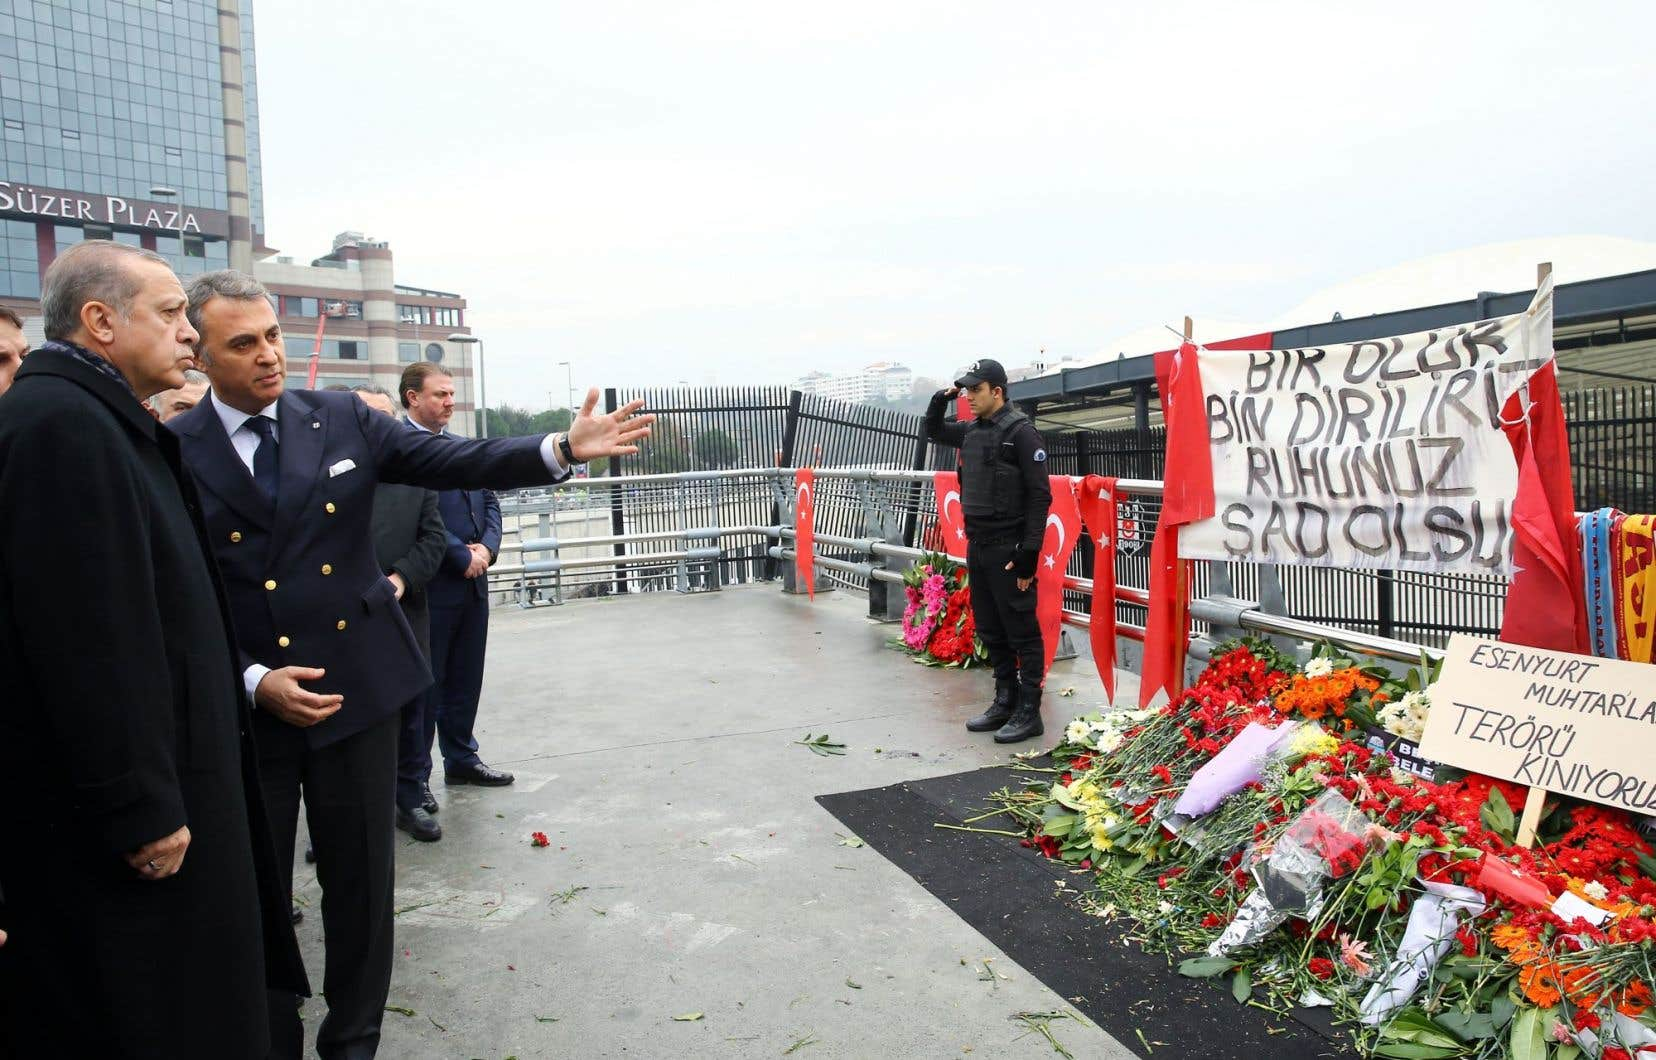 Le président turc, Recep Tayyip Erdogan, s'est rendu lundi sur les lieux de l'attaque, ainsi qu'aux enterrements de certains policiers.